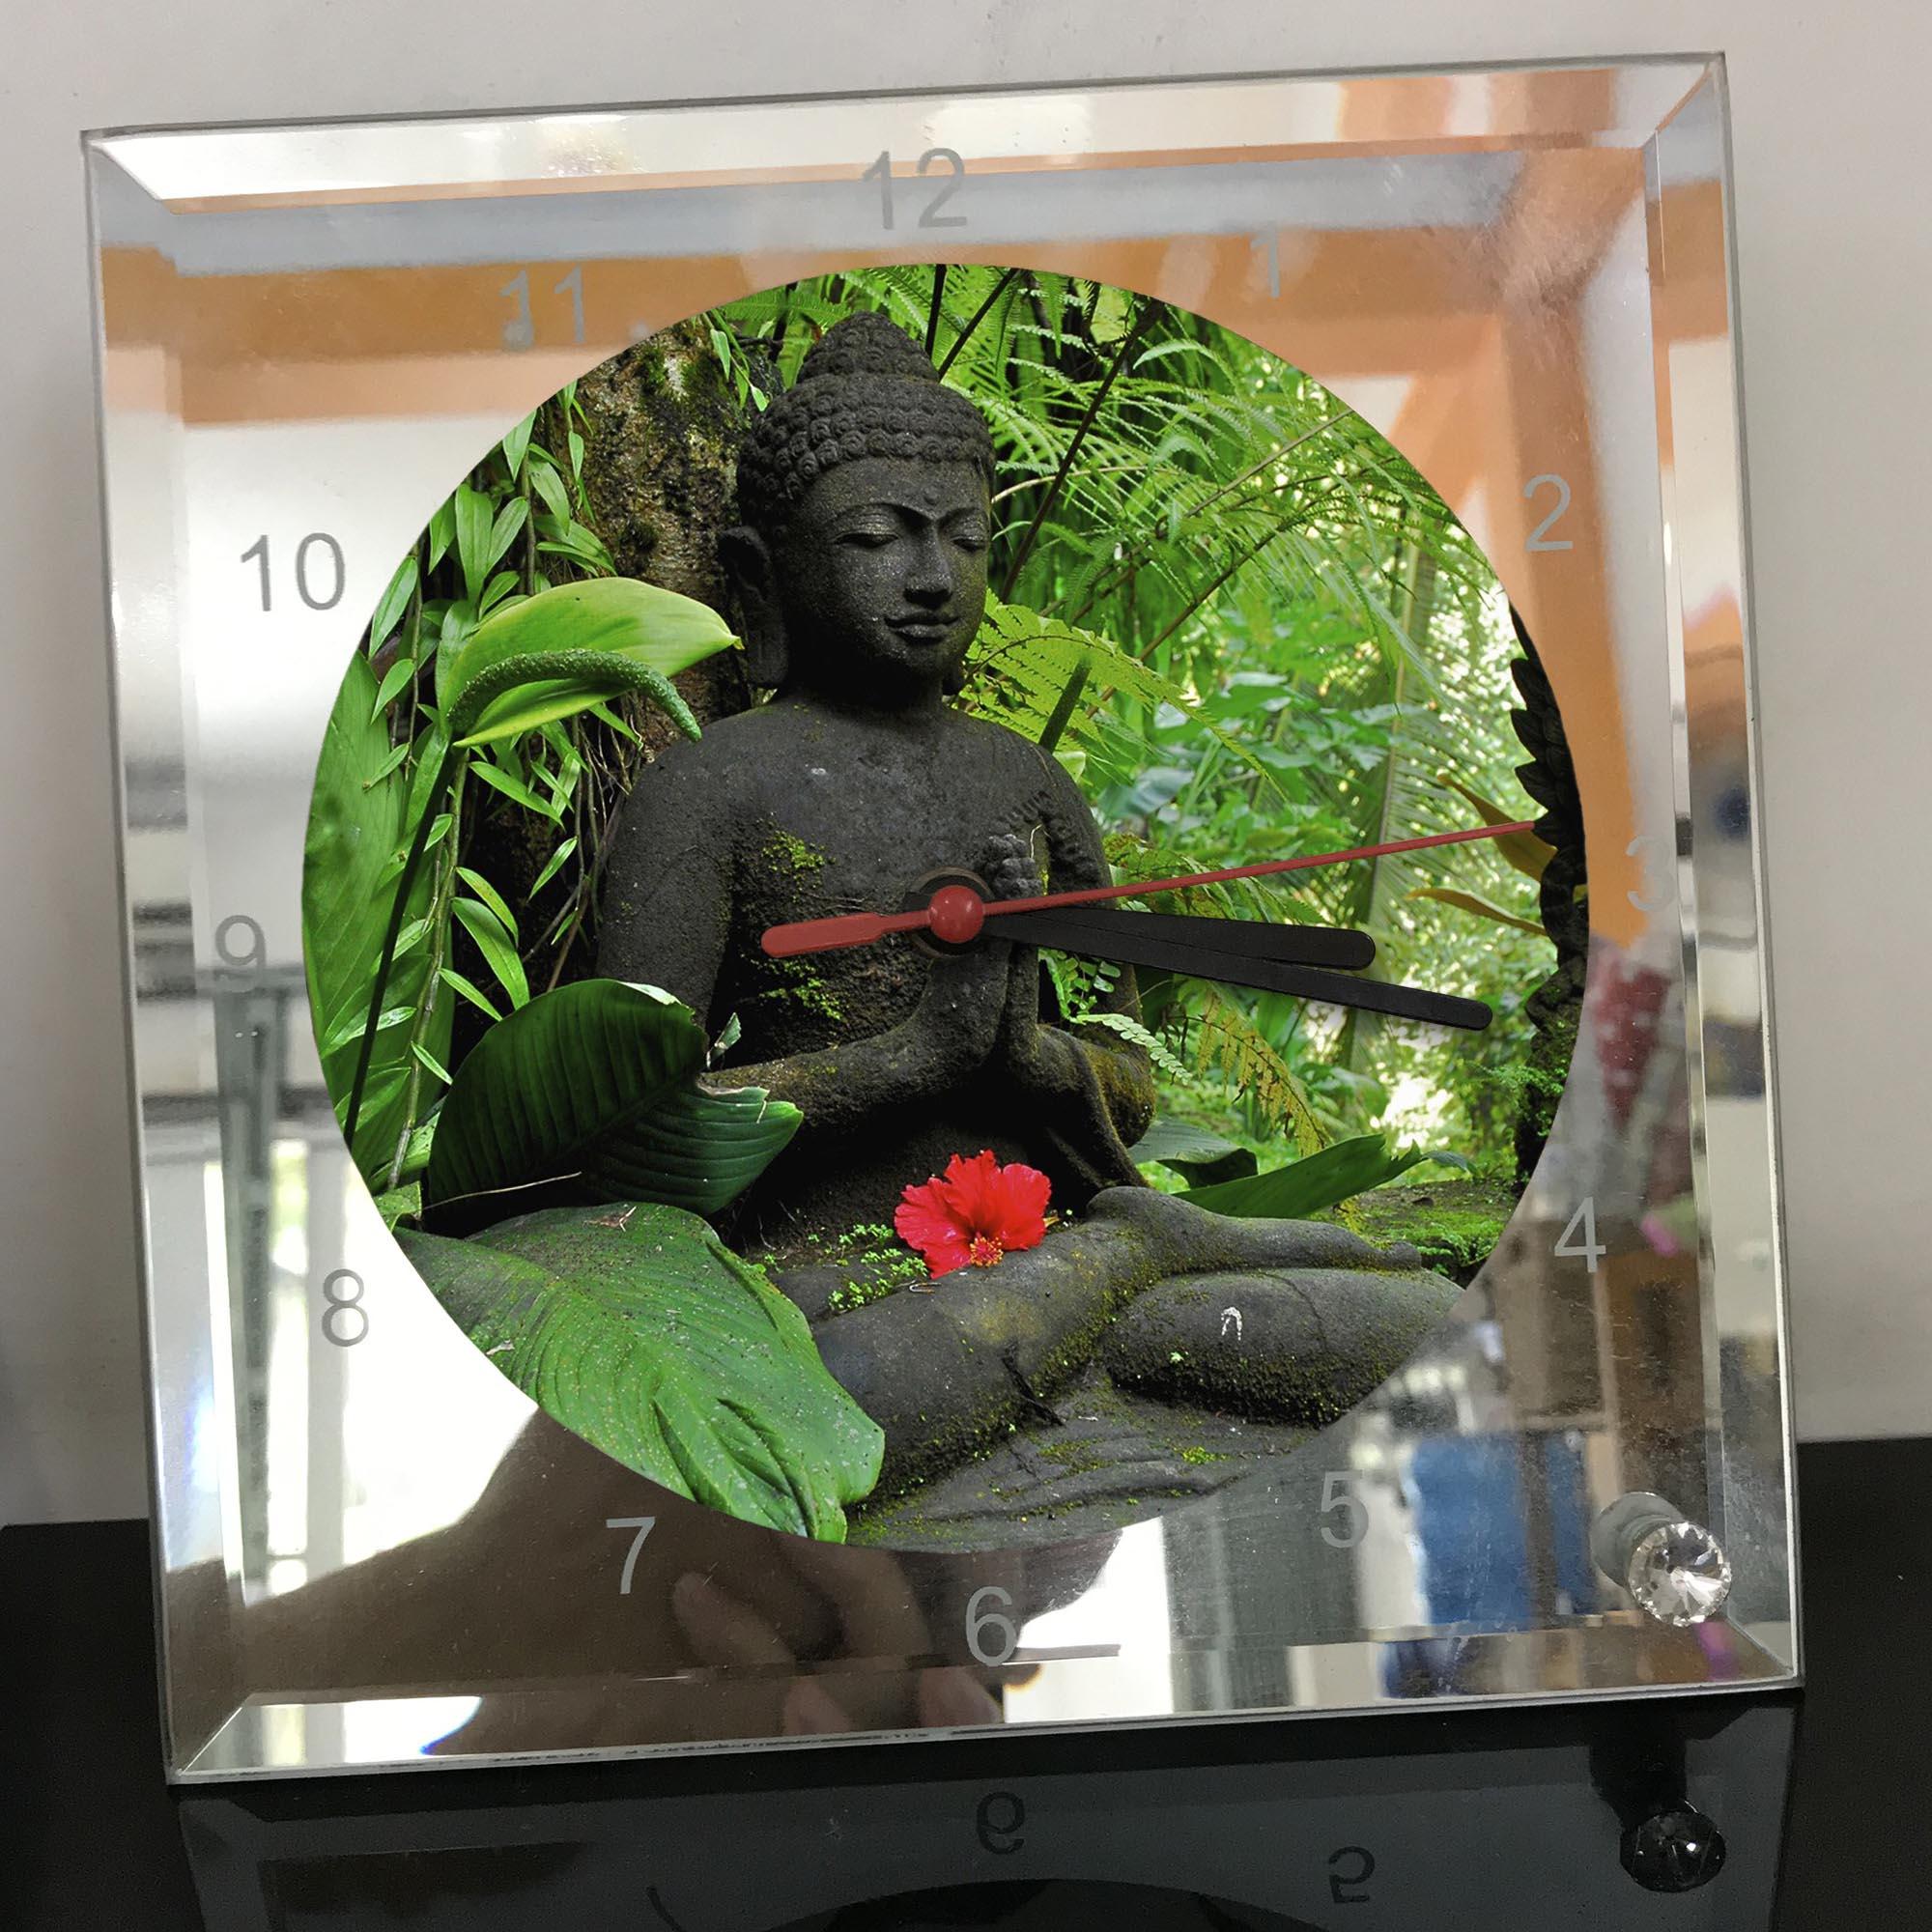 Đồng hồ thủy tinh vuông 20x20 in hình Buddhism - đạo phật (57) . Đồng hồ thủy tinh để bàn trang trí đẹp chủ đề tôn giáo